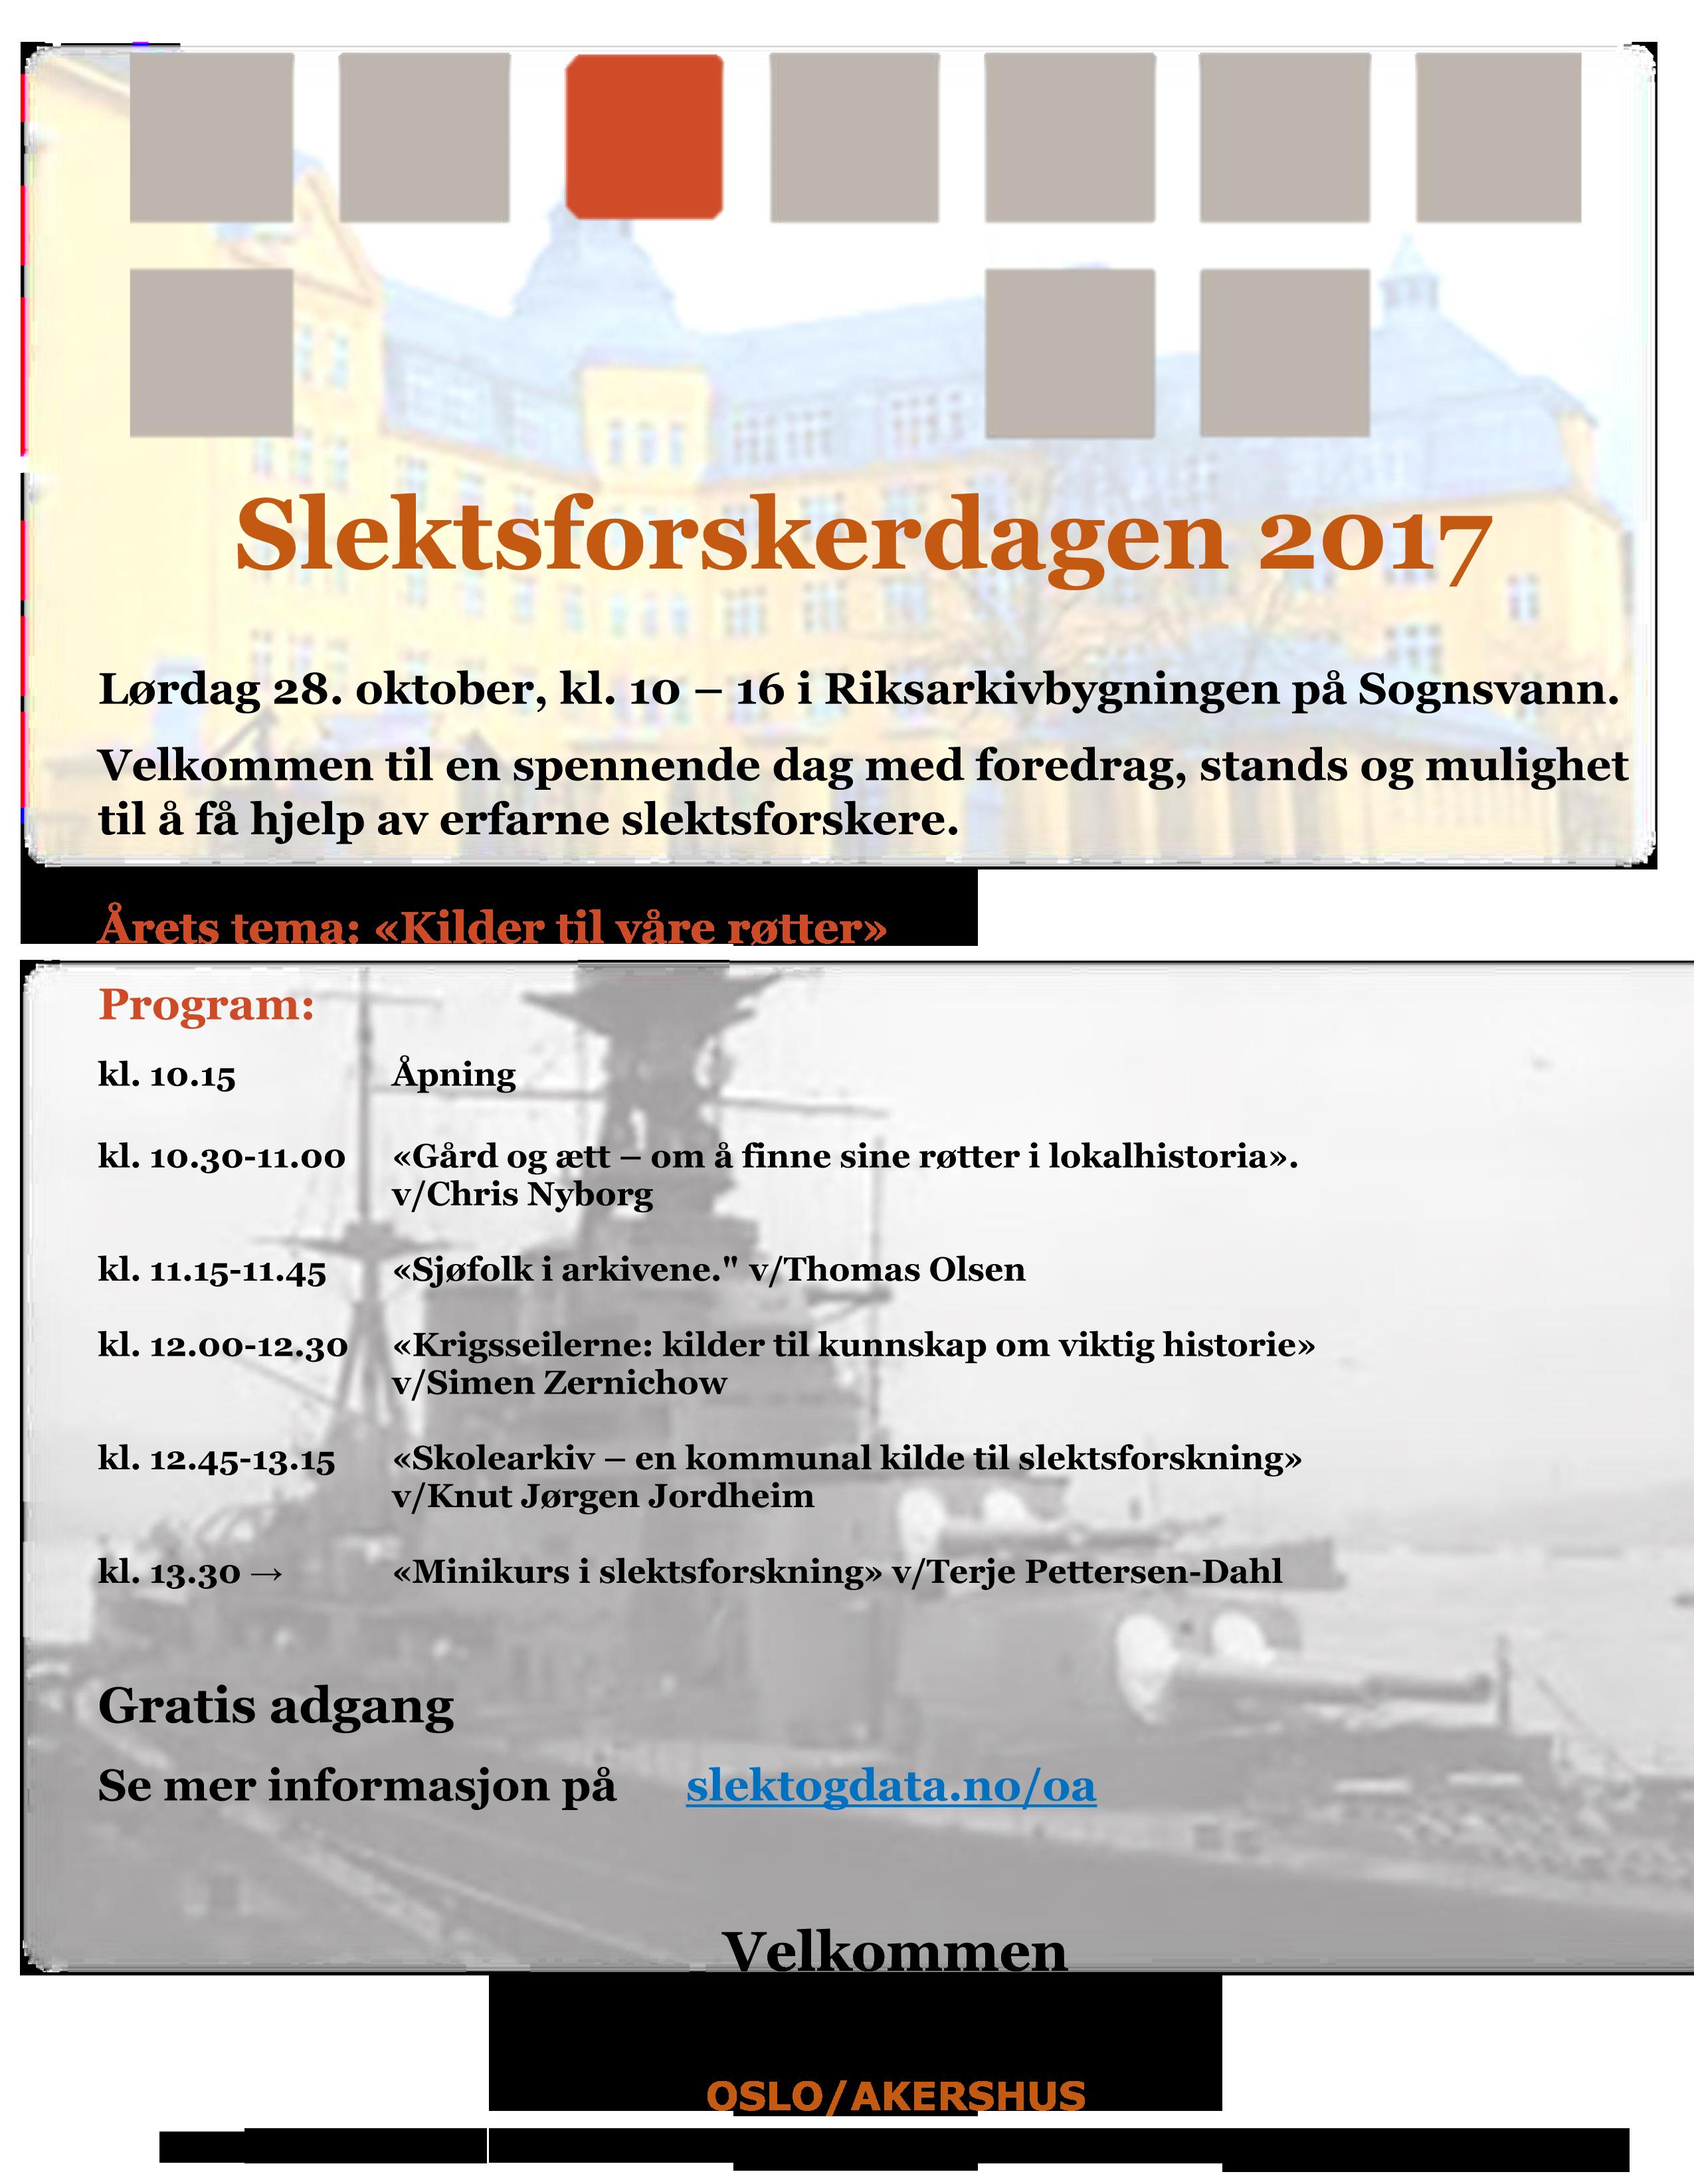 Slektsforskerdagen 28.10.2017 på Riksarkivet i Oslo.